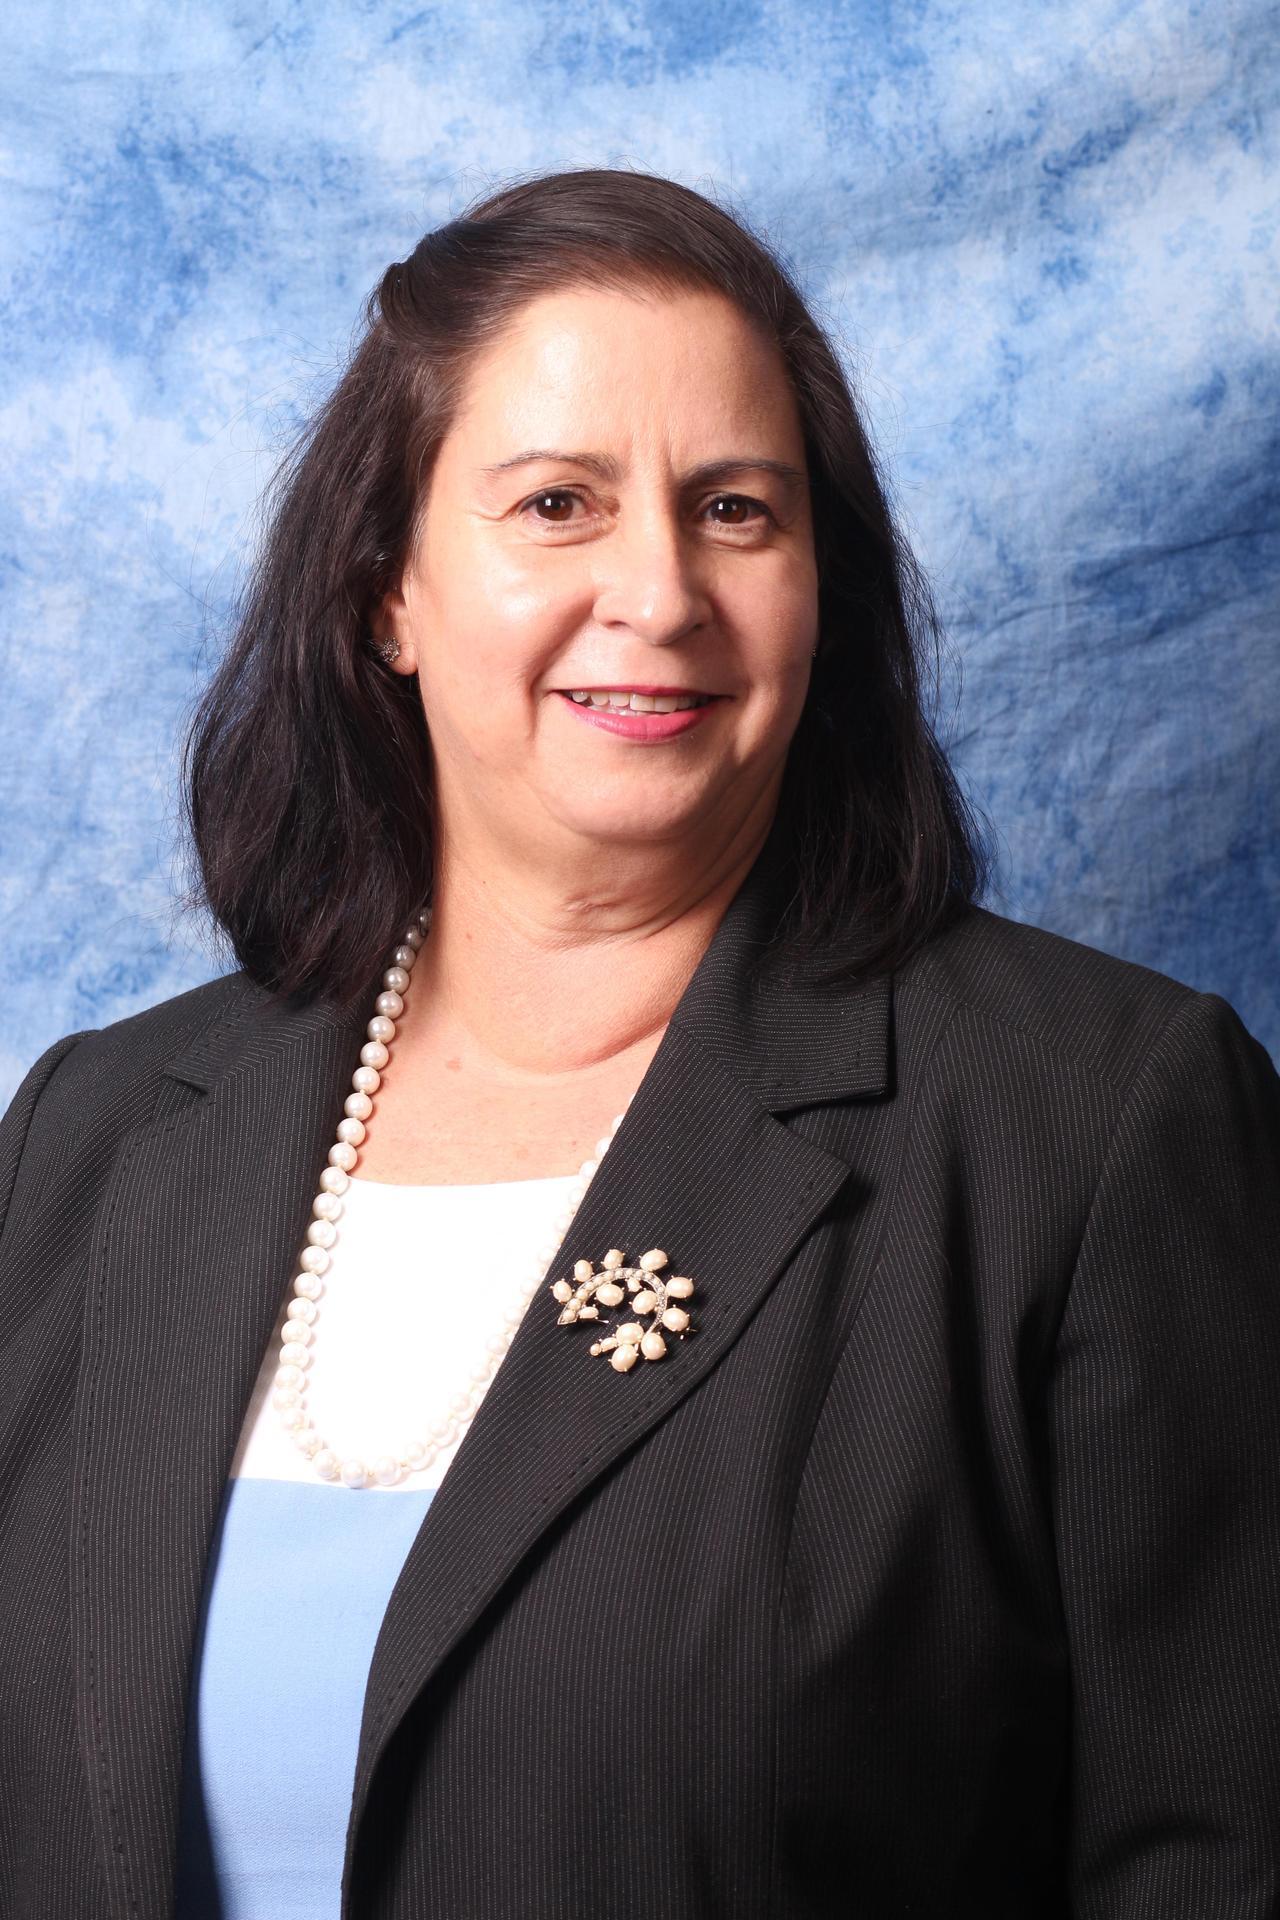 Superintendent, Silvia Abbato